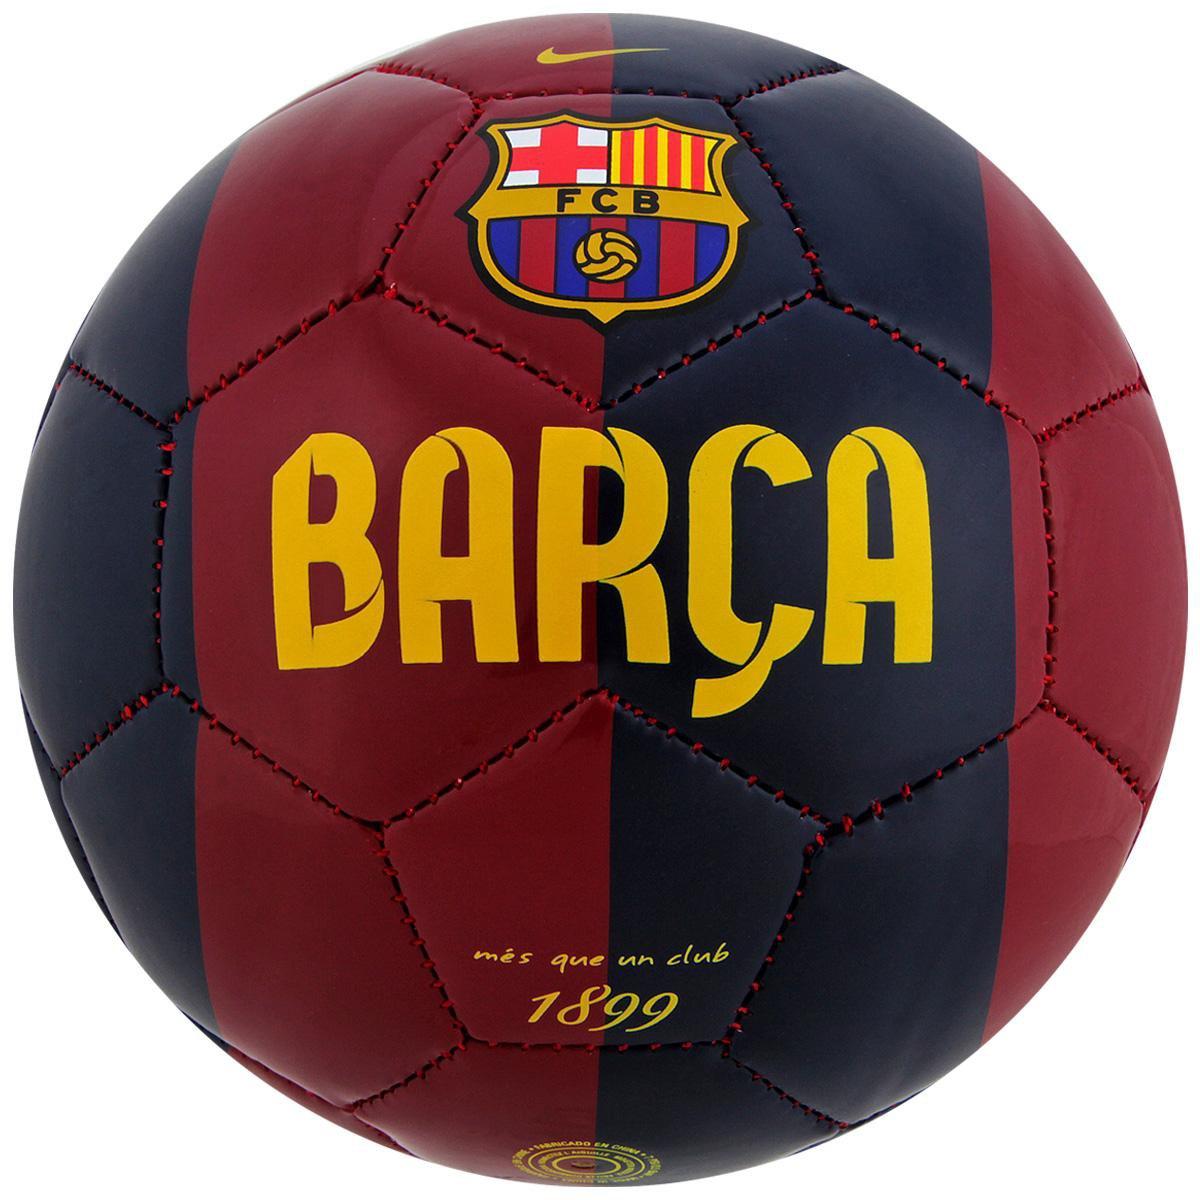 MiniBola Futebol Nike Barcelona Skills - Compre Agora  528574e114bce